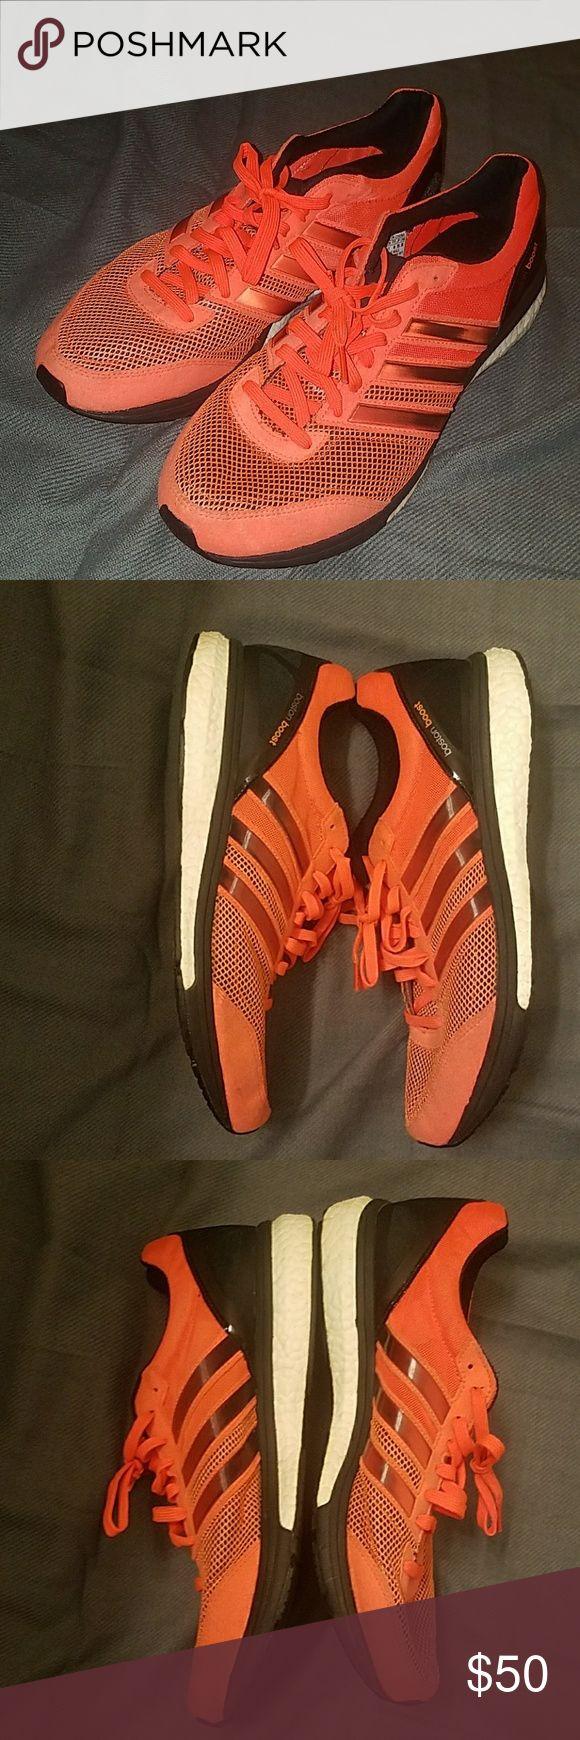 Men's Adizero Boston boost in EUC Men's Adizero Boston boost in euc adidas Shoes Athletic Shoes